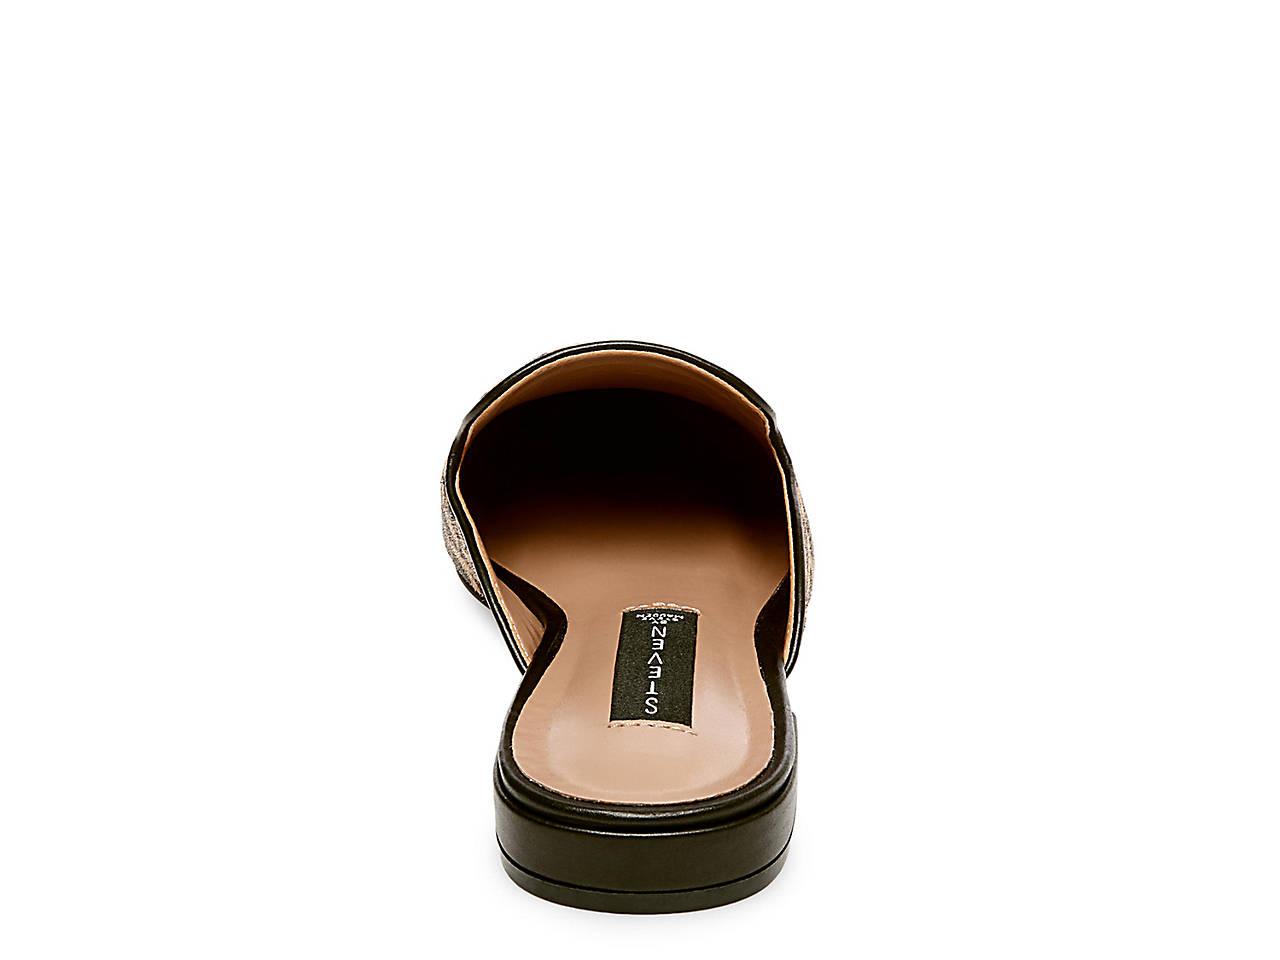 e22662a35ec Steven by Steve Madden Velocity Mule Women s Shoes